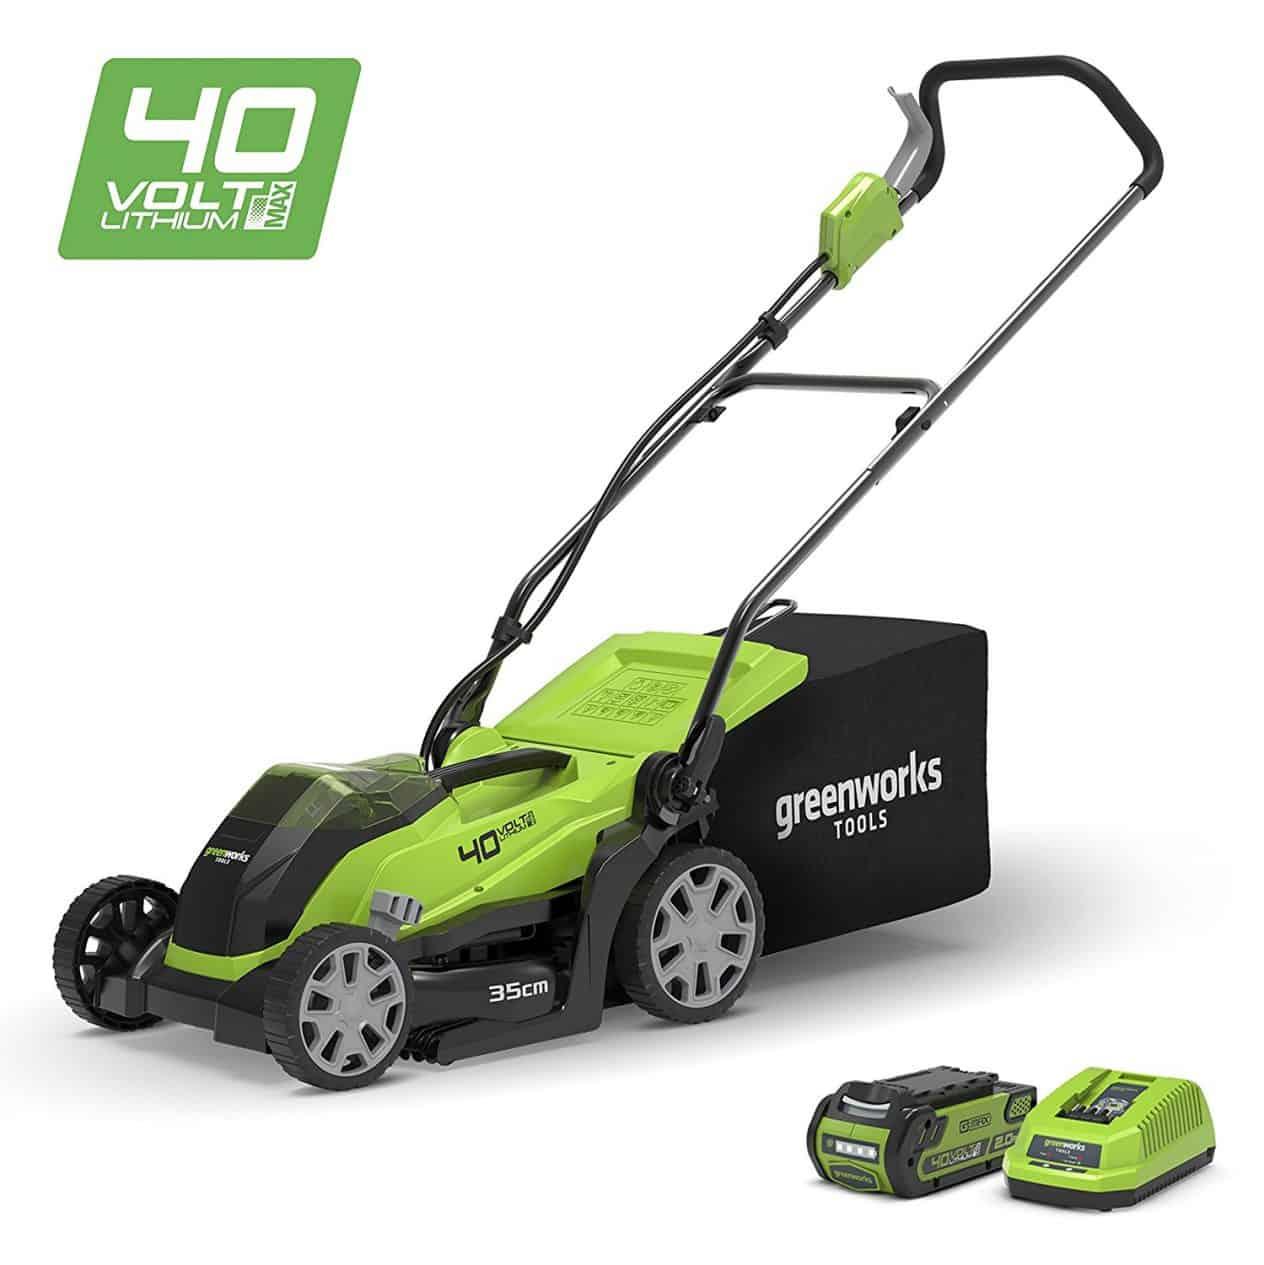 Greenworks 40v 35cm